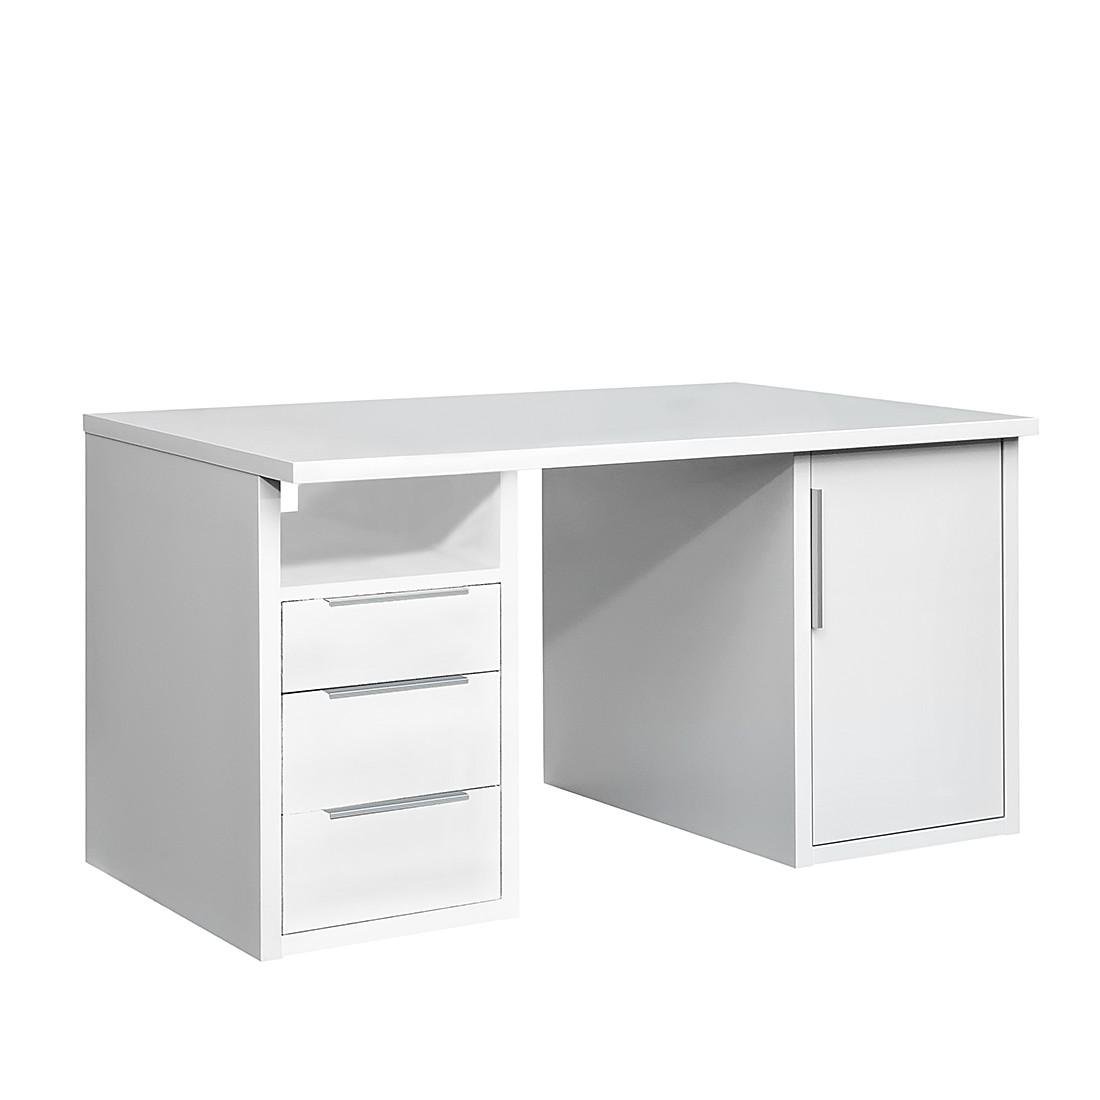 Schreibtisch 140 cm preis vergleich 2016 for Schreibtisch breite 70 cm